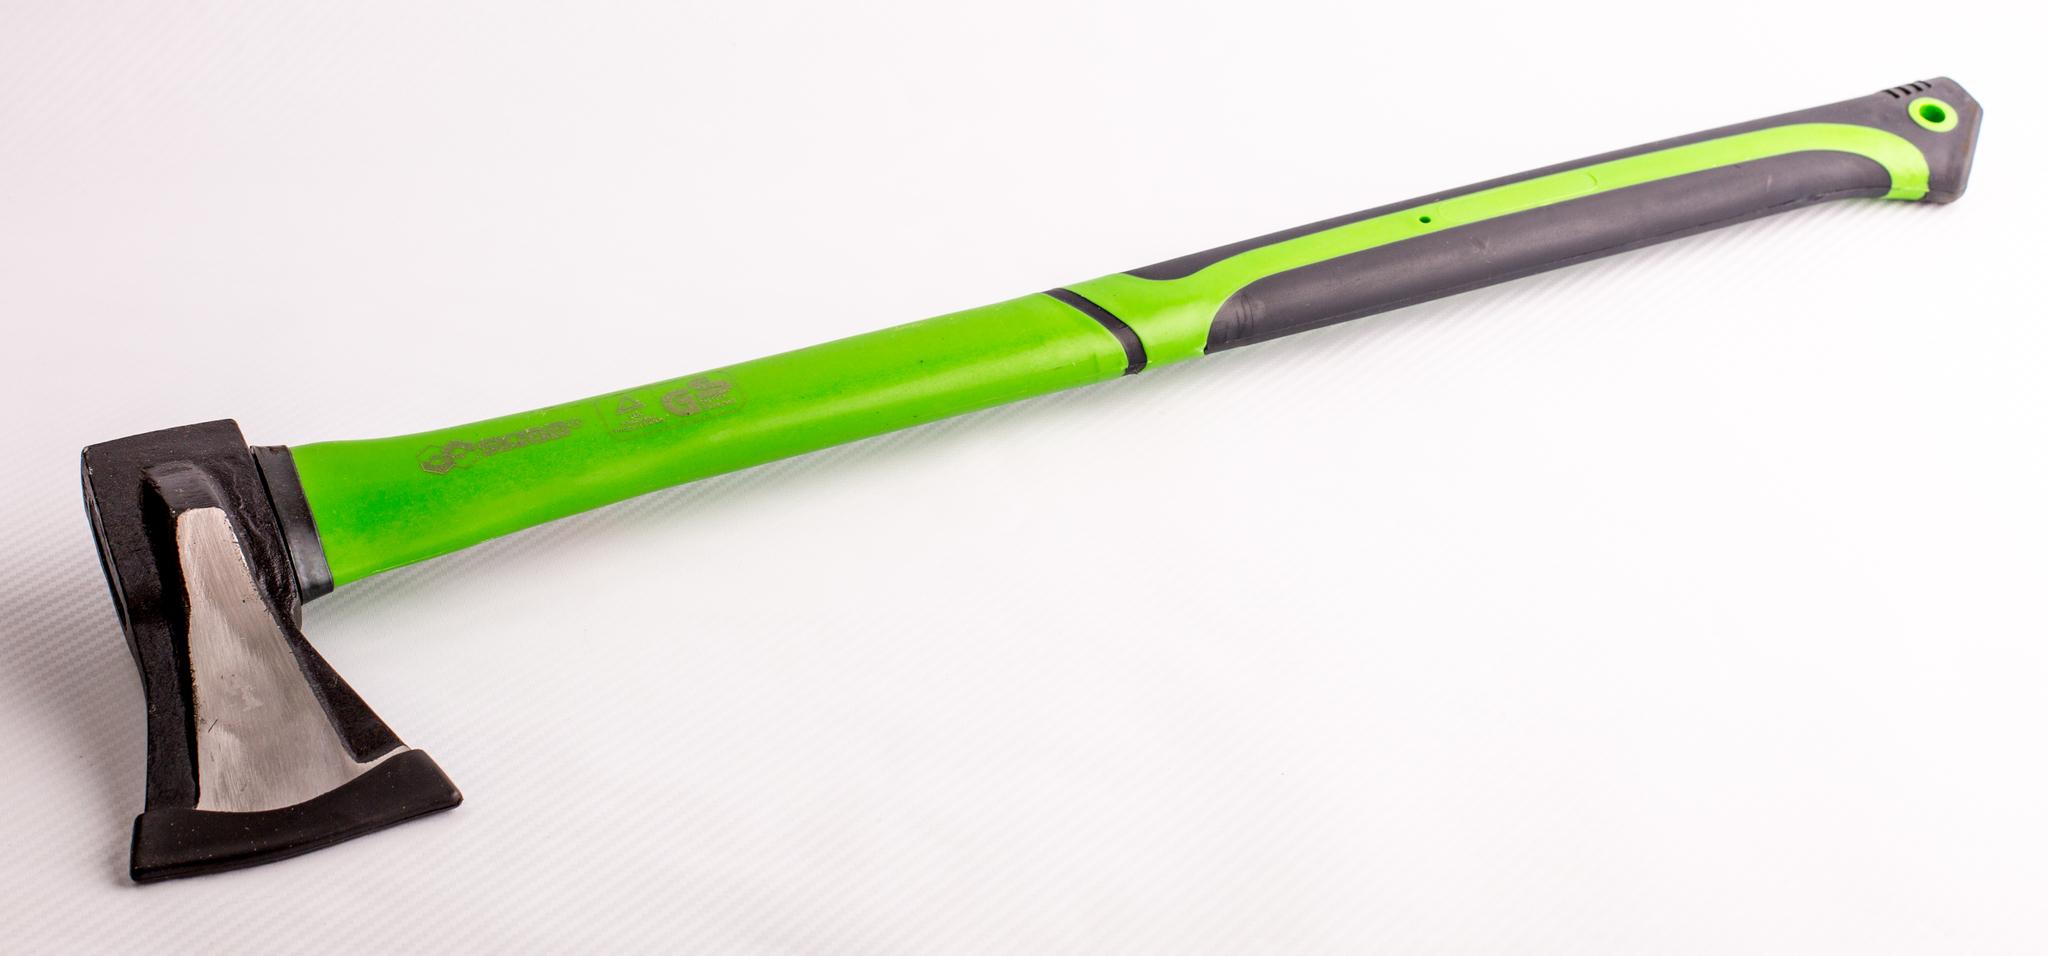 Фото 6 - Топор-колун с удлиненной фиберглассовой ручкой, 1000гр. от Noname